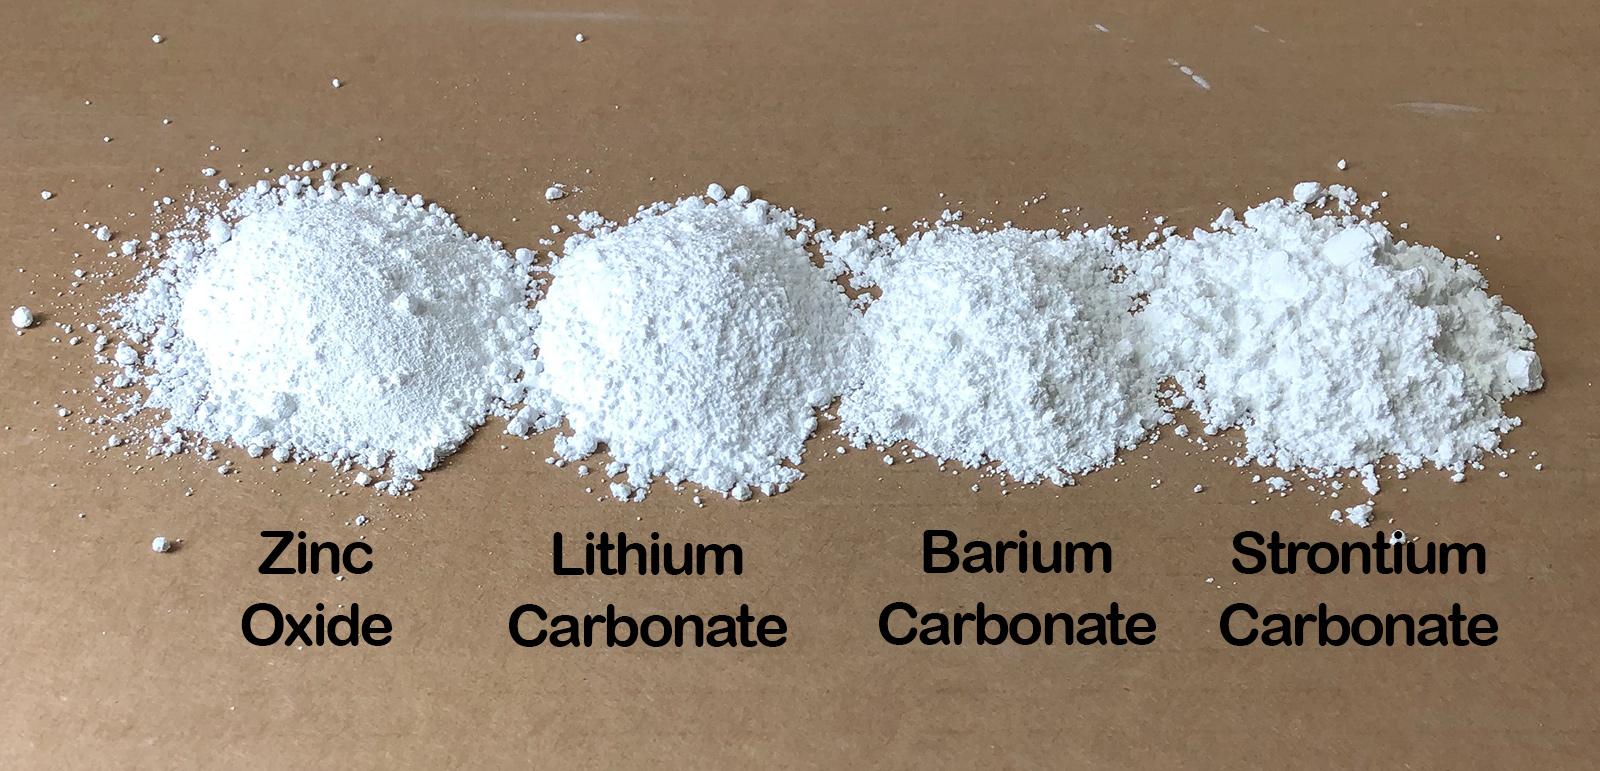 Frits instead of raw zinc, lithium, barium, strontium